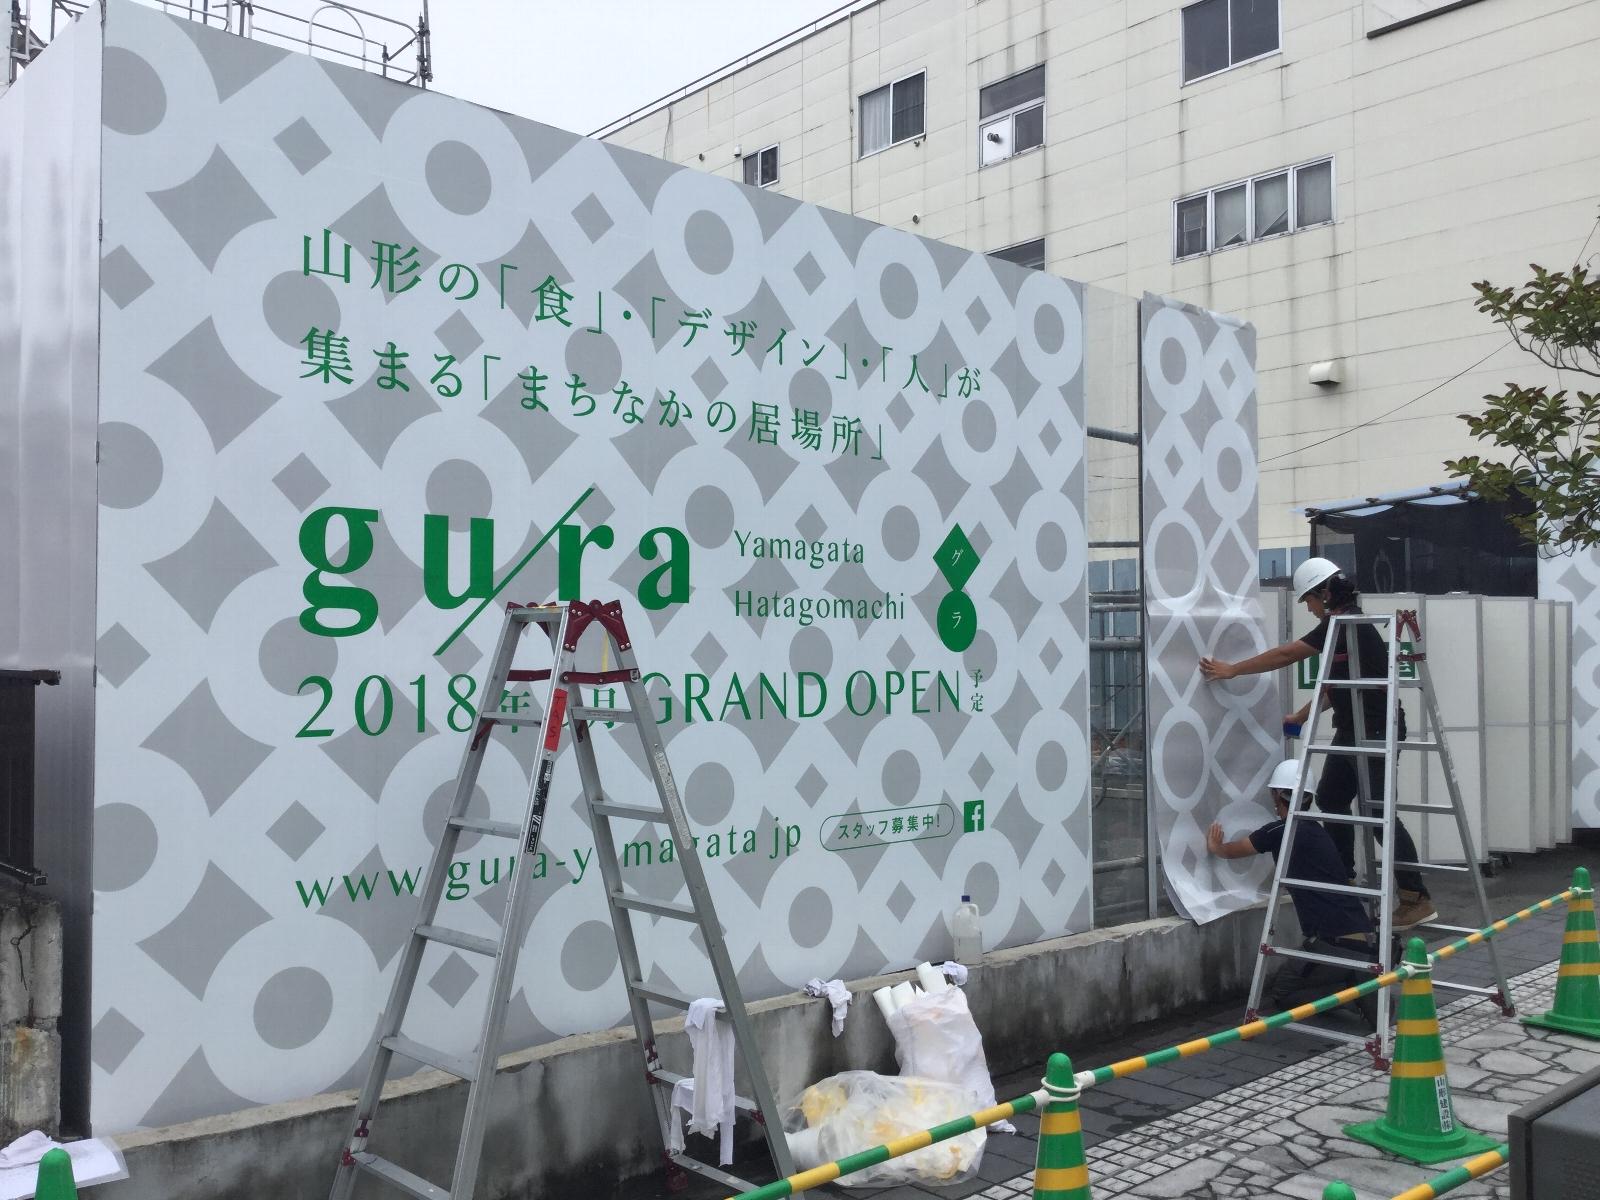 写真:gura-yamagata(グラ・ヤマガタ)/旅篭町プロジェクト9